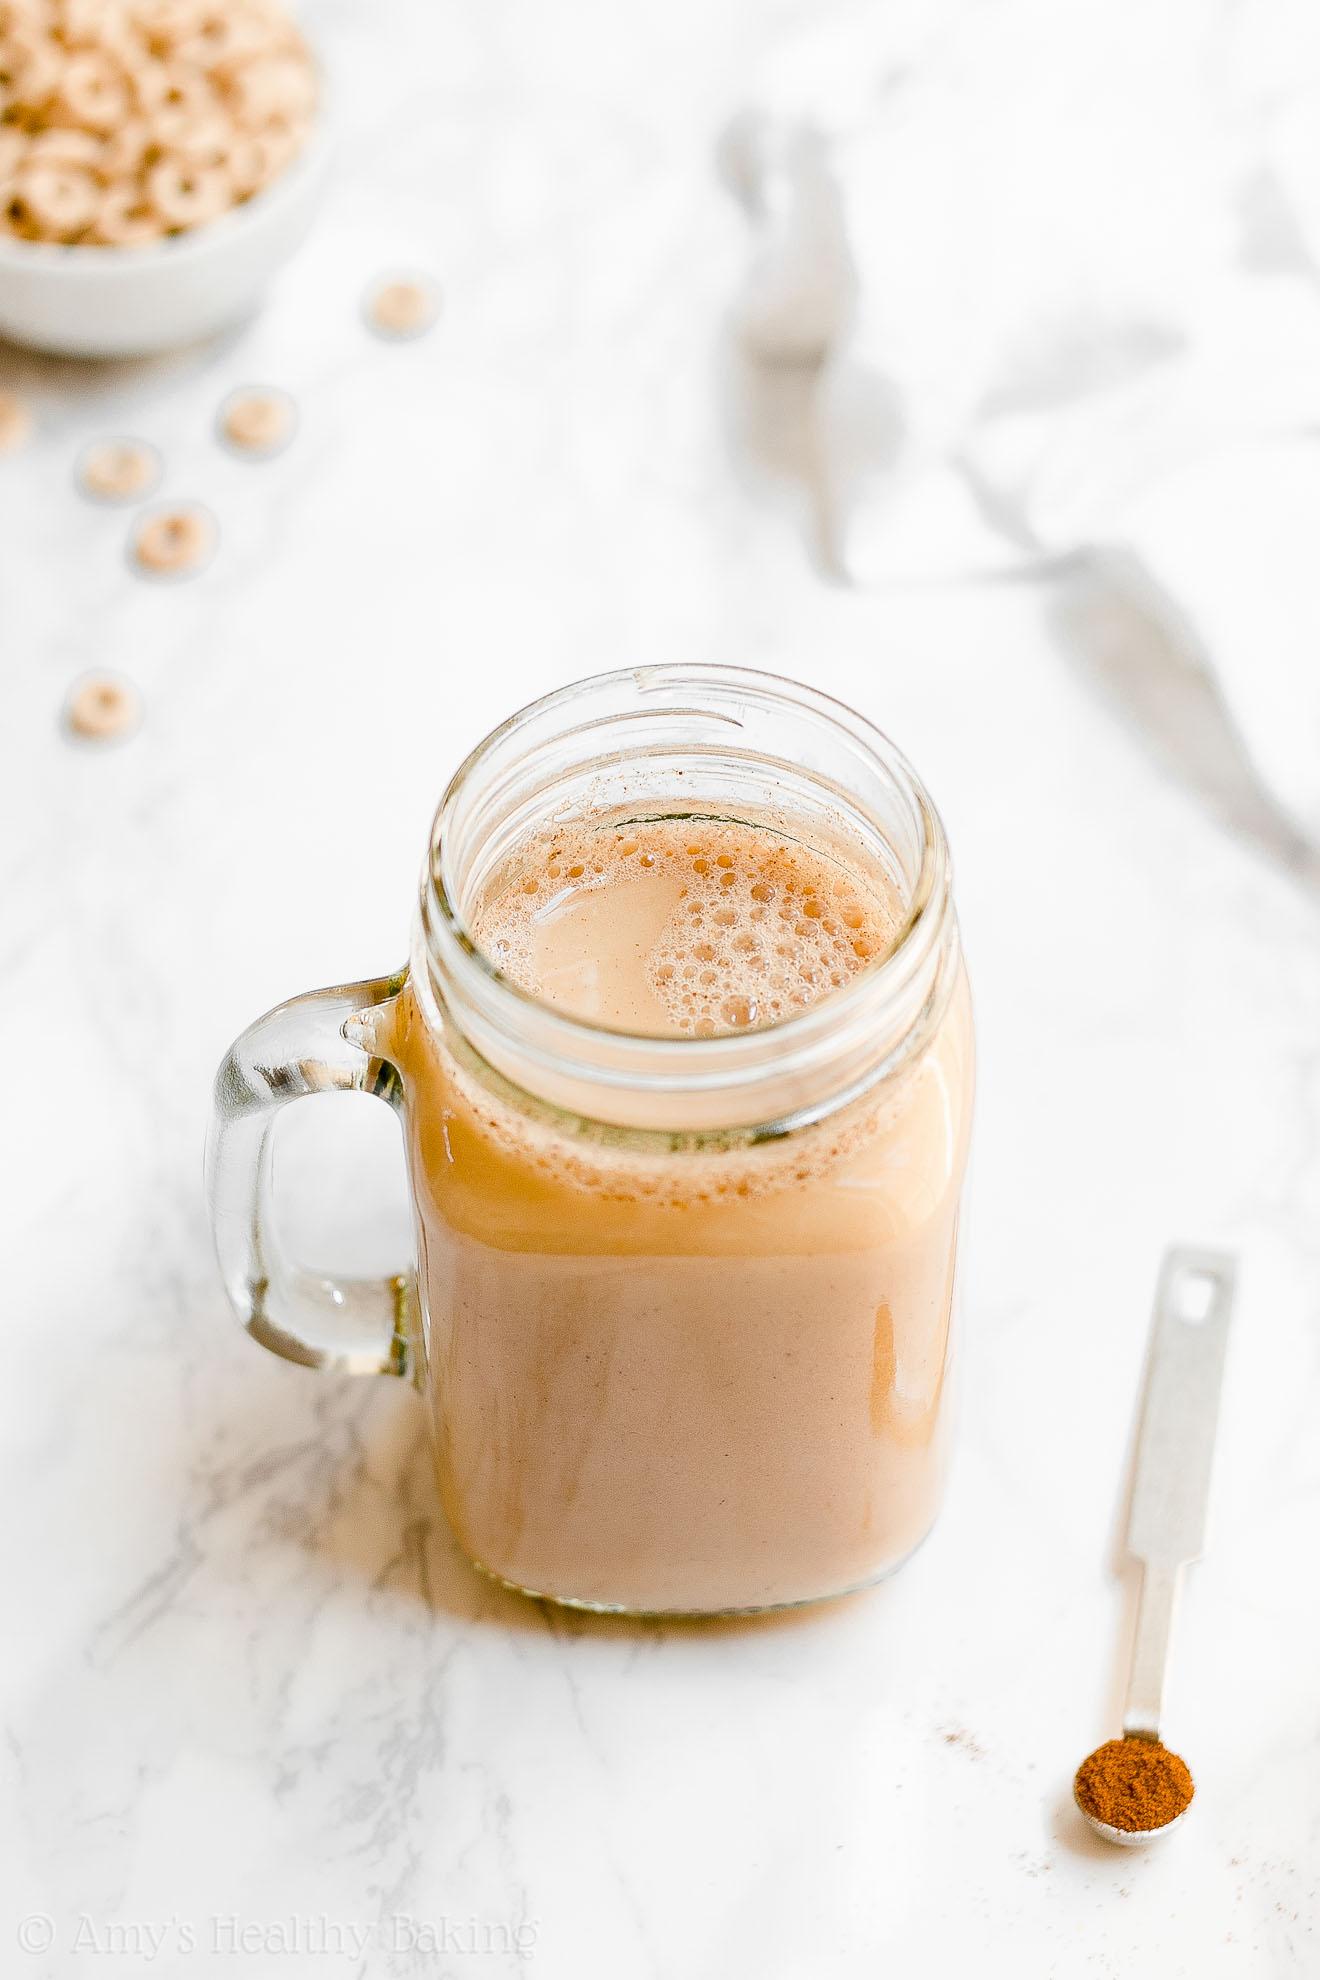 Homemade Healthy Vegan Sugar Free Pumpkin Spice Chai Latte